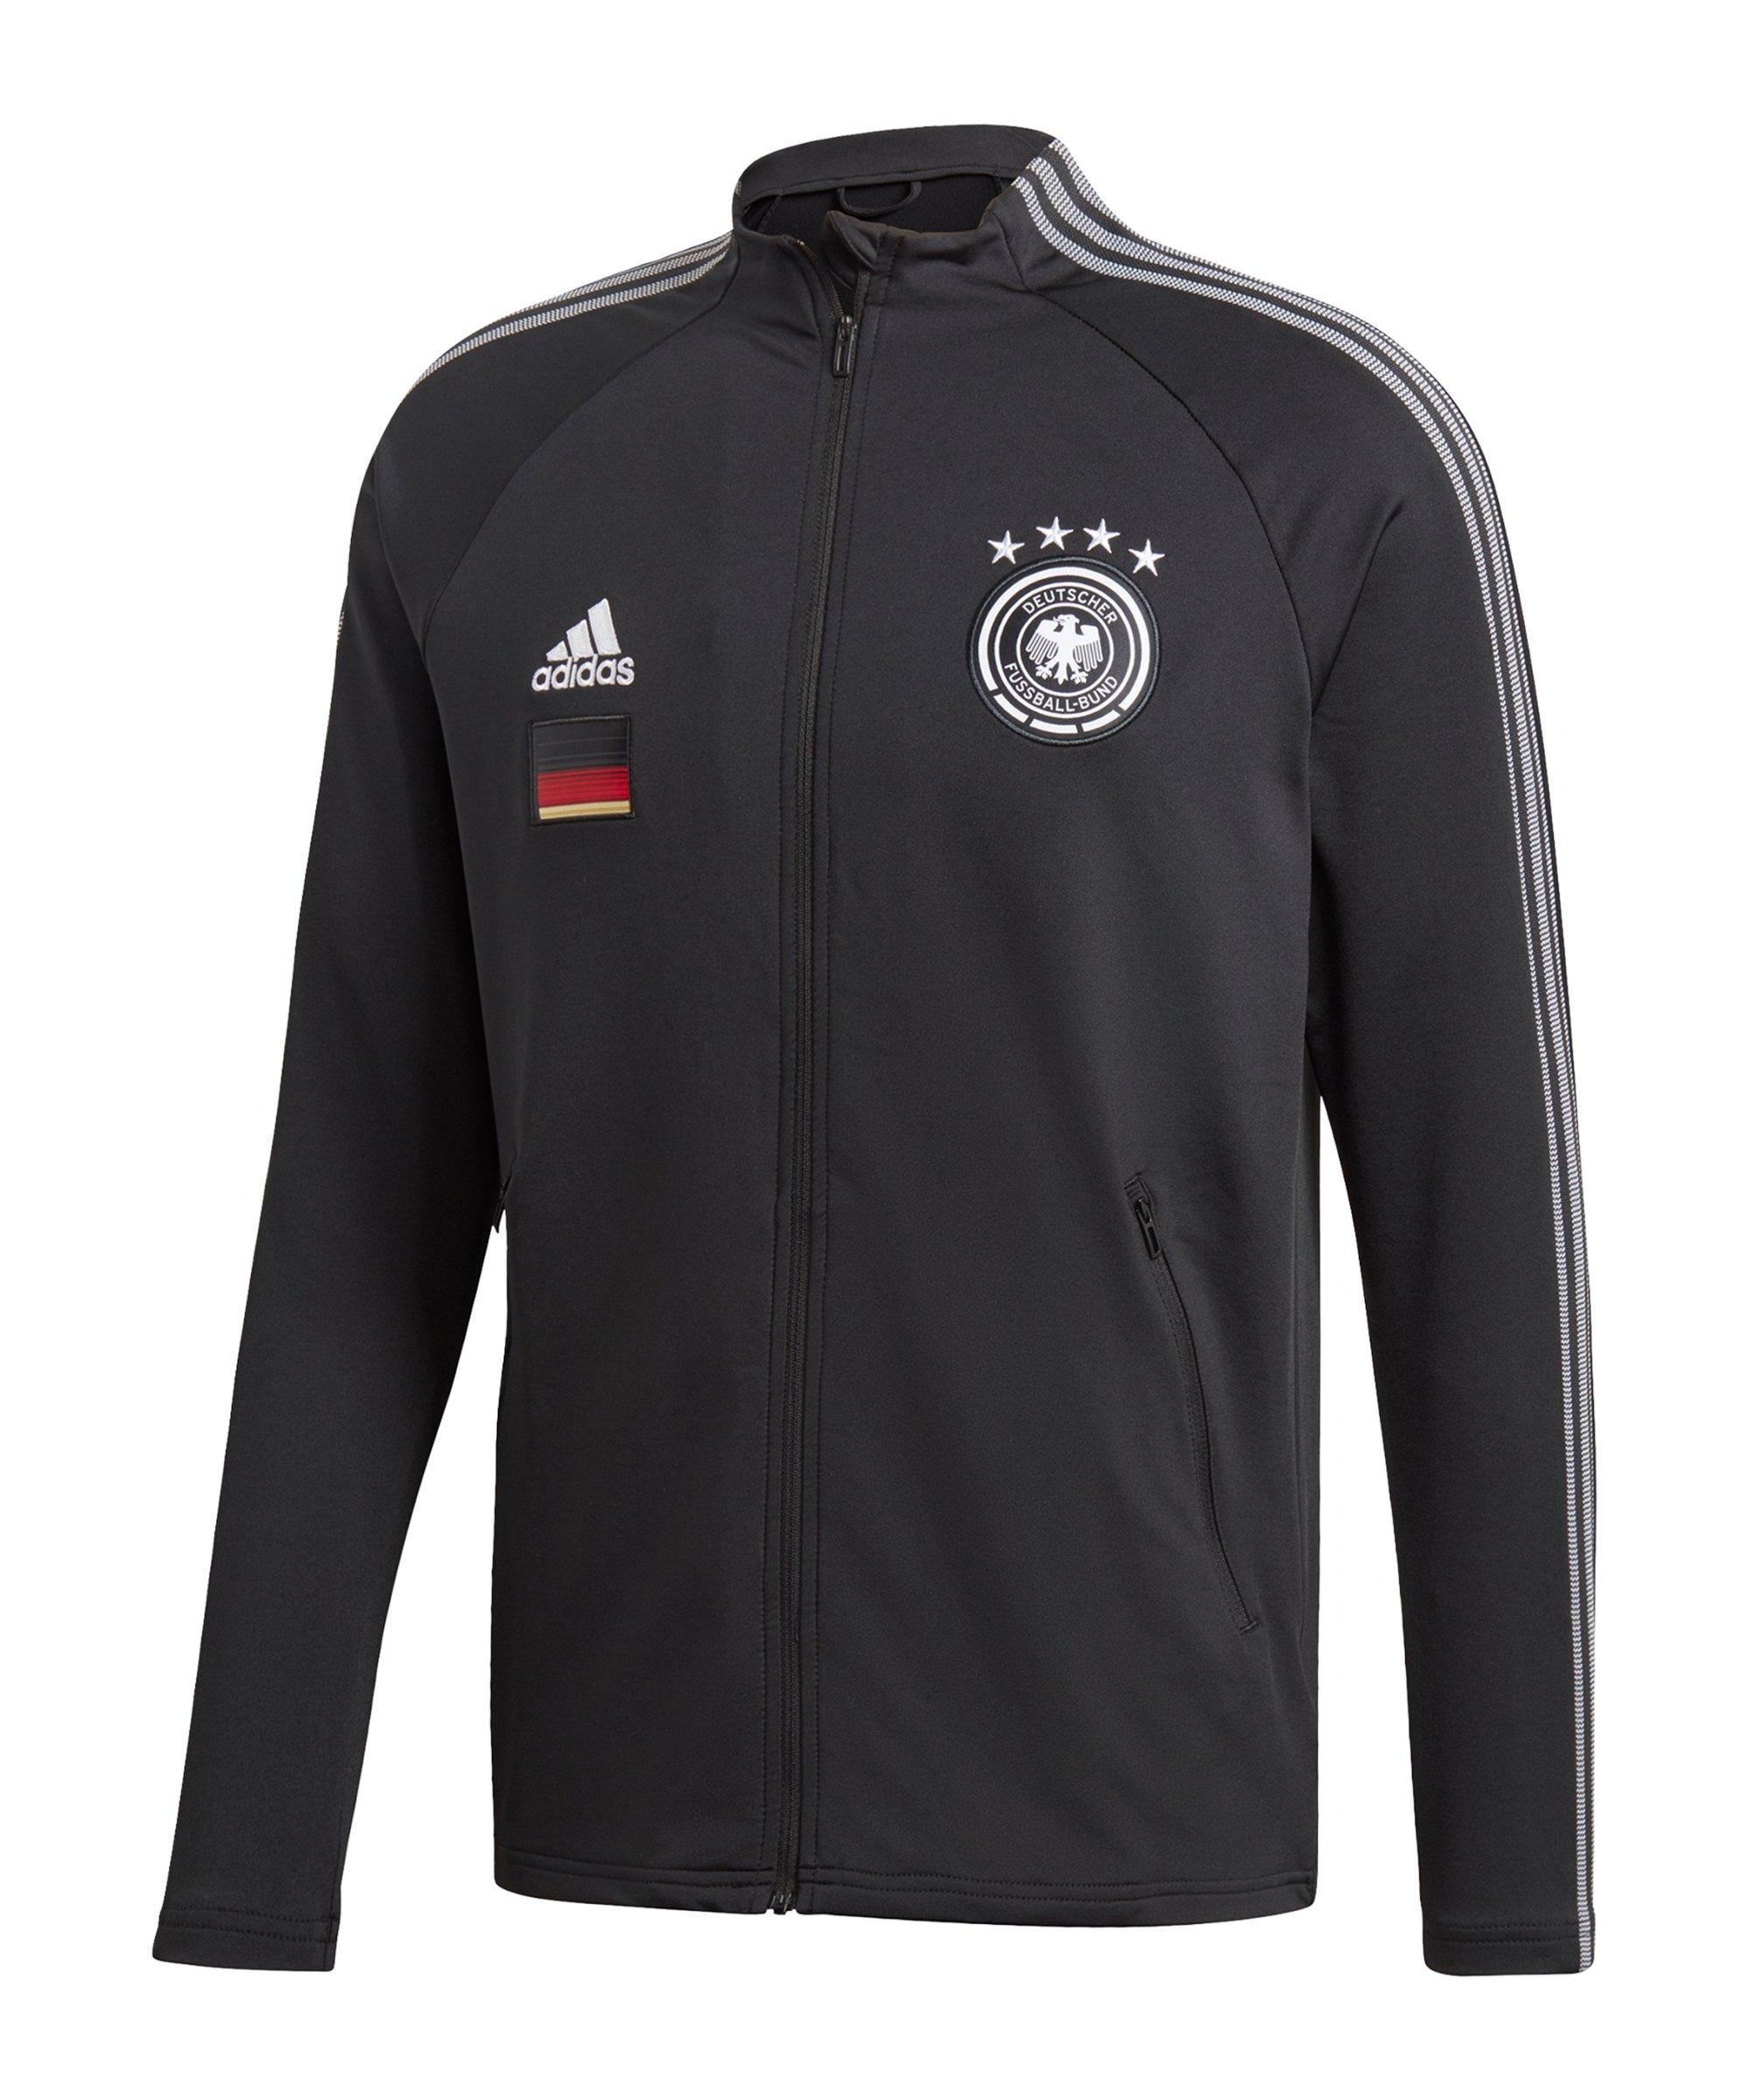 adidas DFB Deutschland Anthem Jacket Jacke Schwarz - schwarz